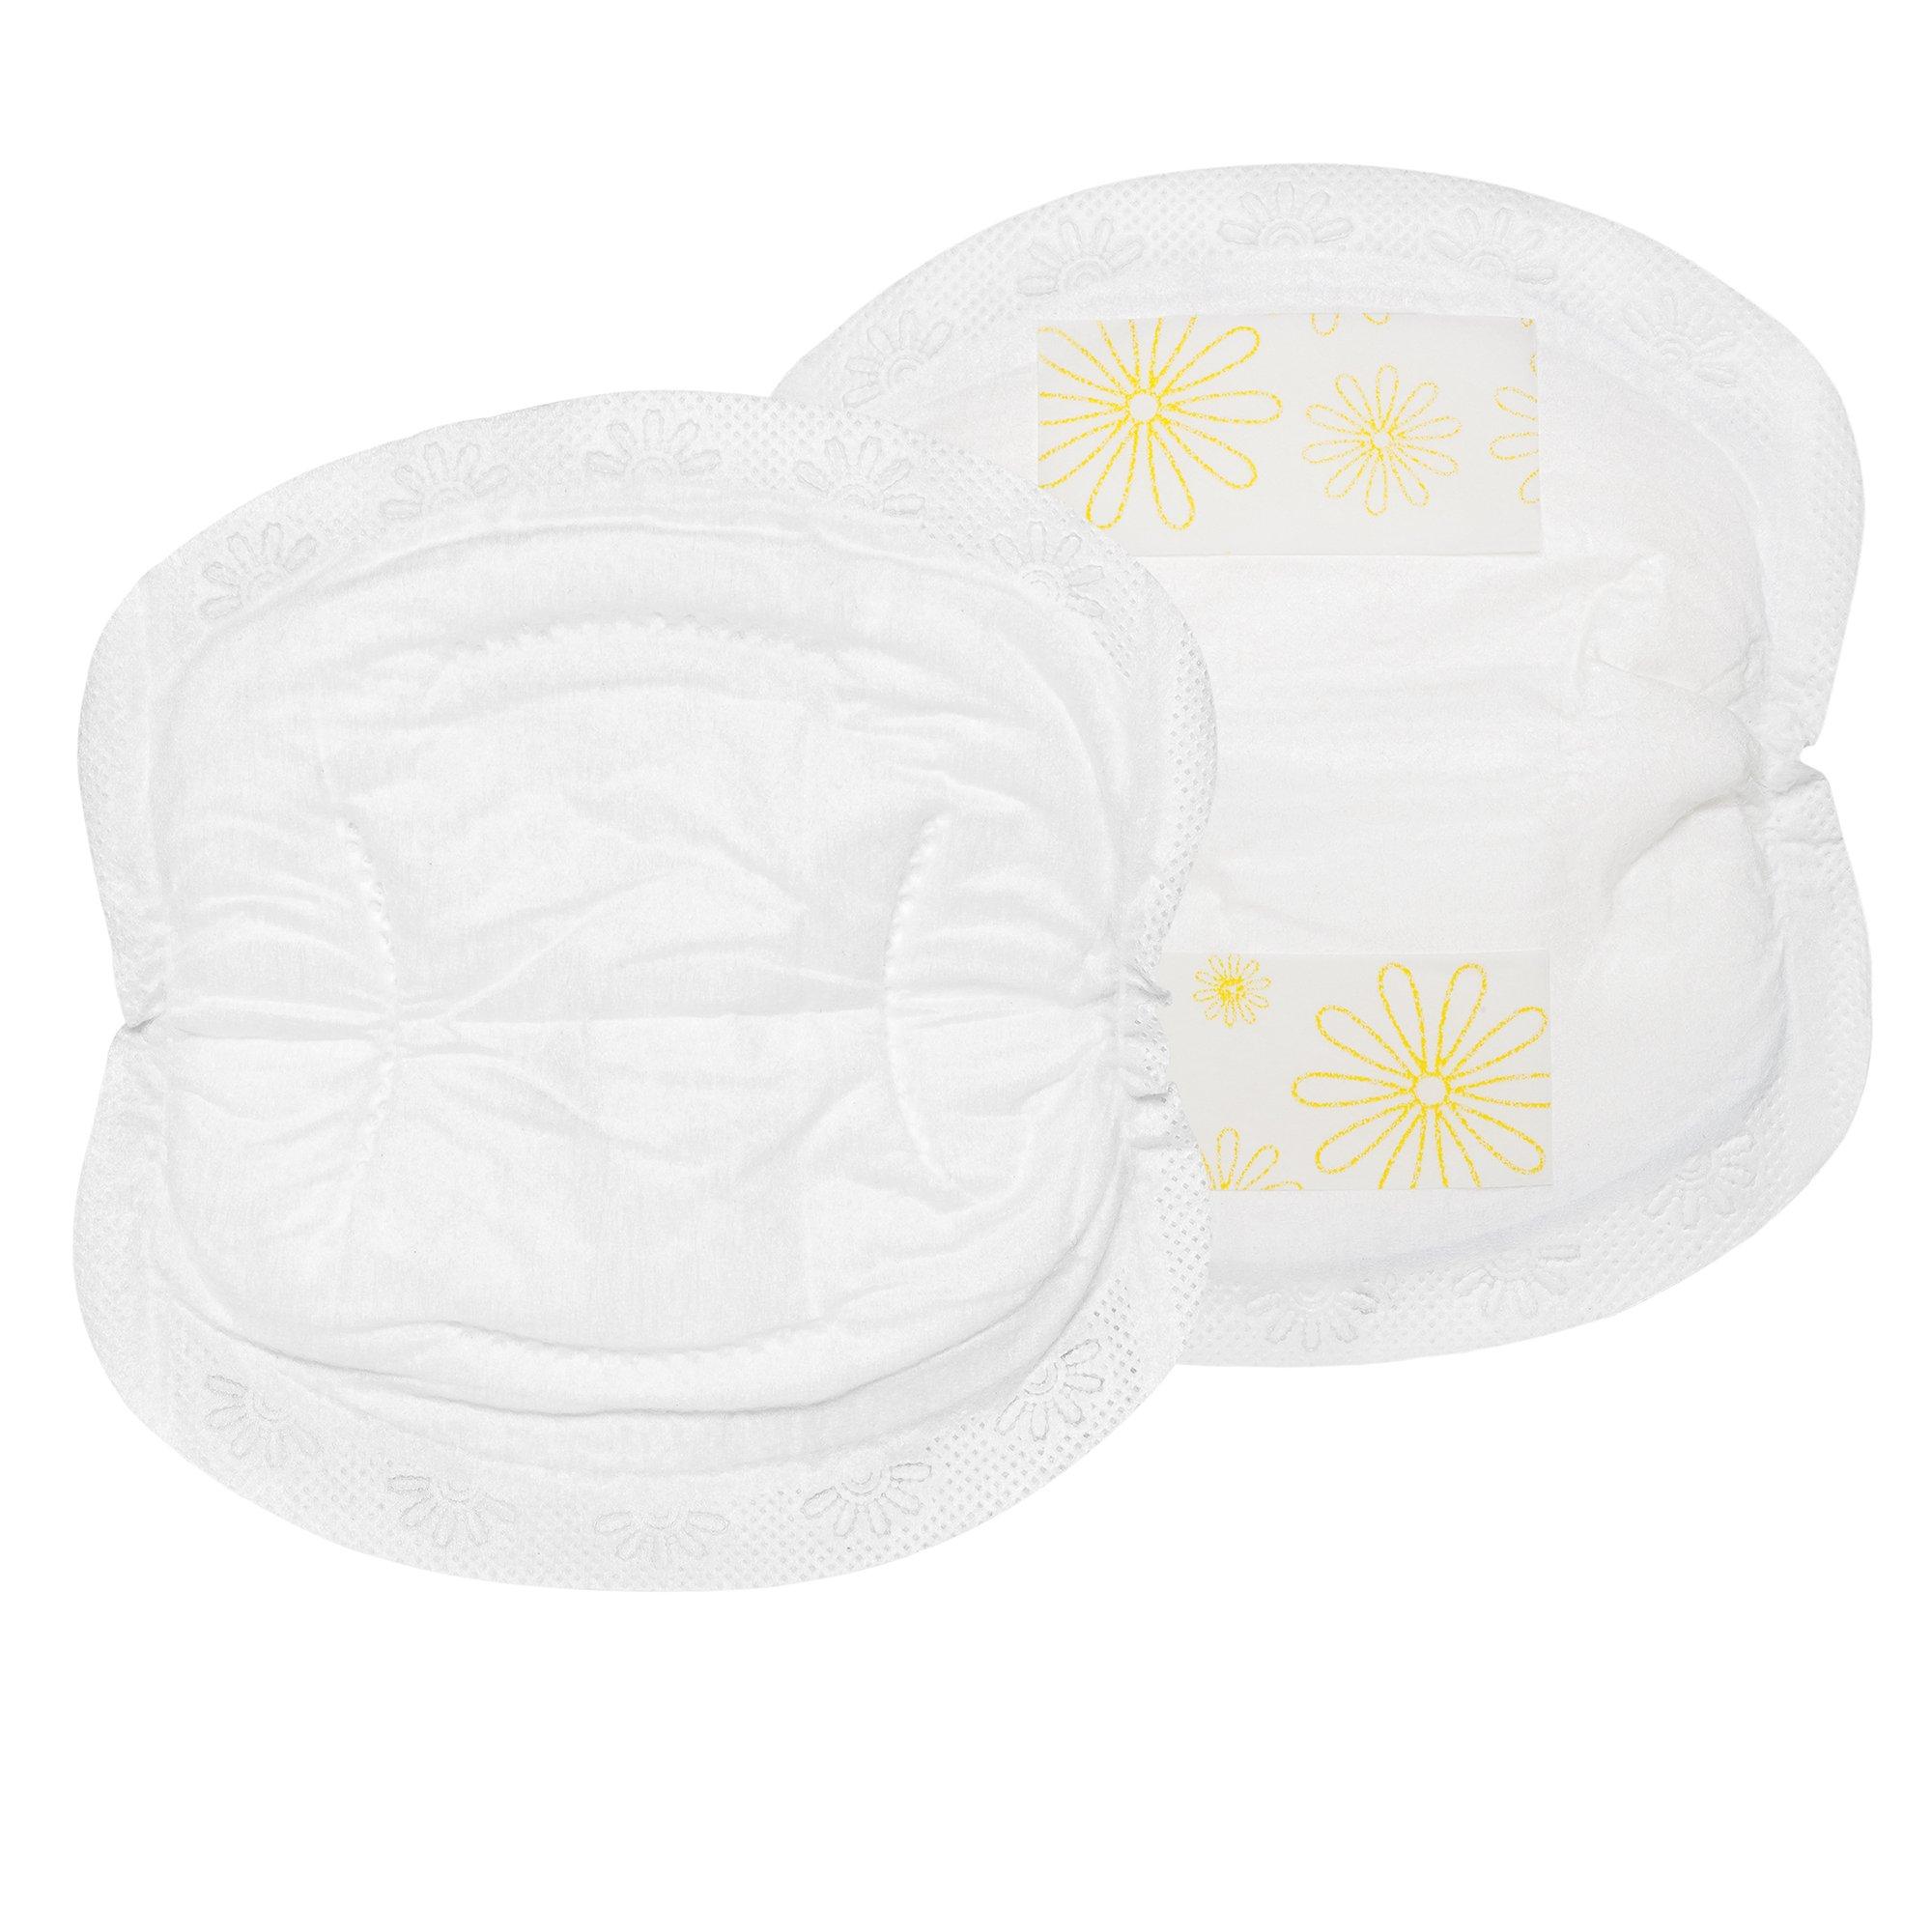 Medela Disposable Nursing Bra Pads, 120 Count by Medela